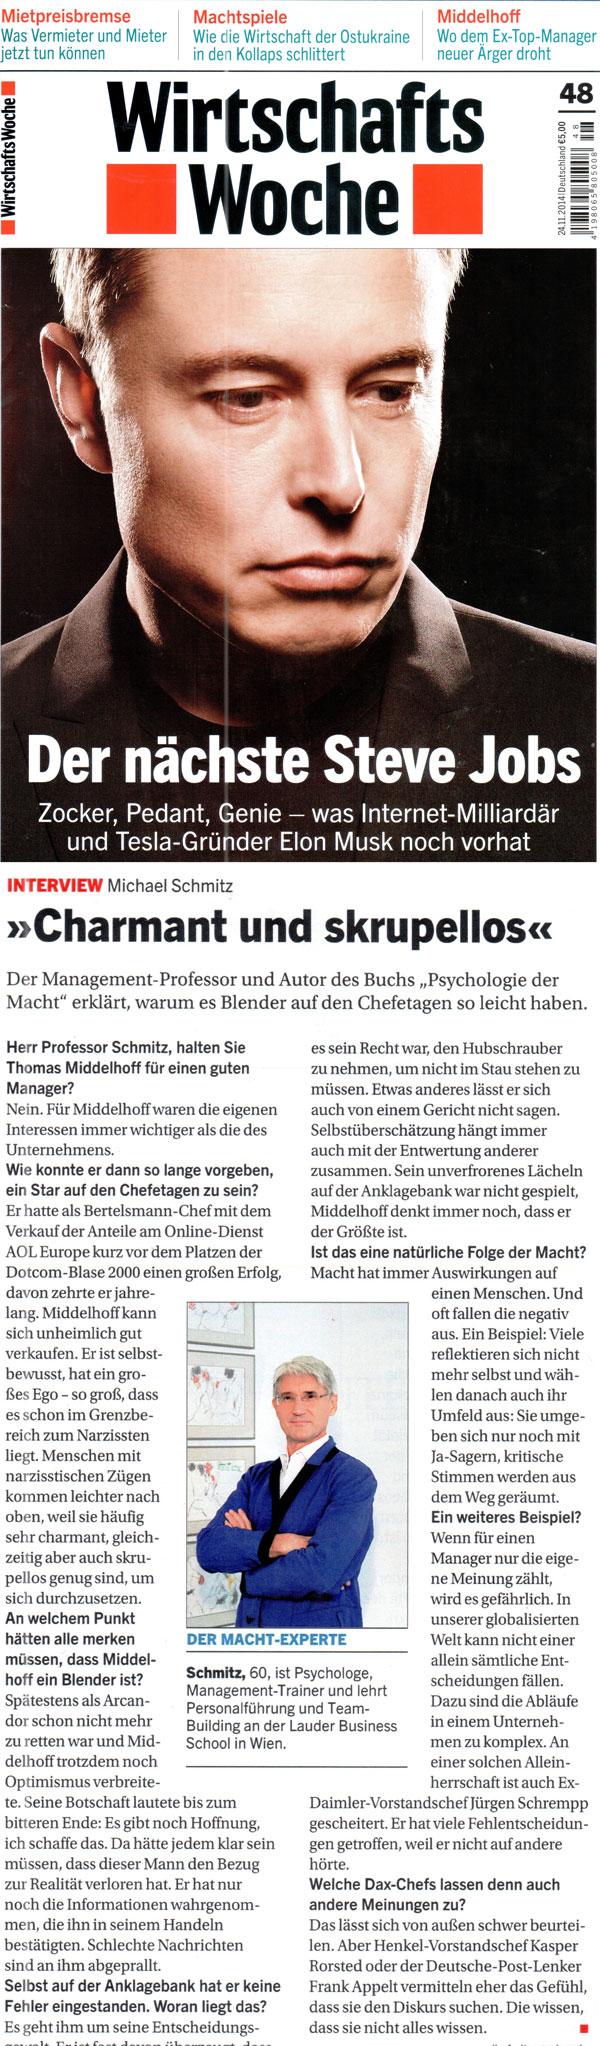 Wirtschaftswoche-Middelhoff-Hoch